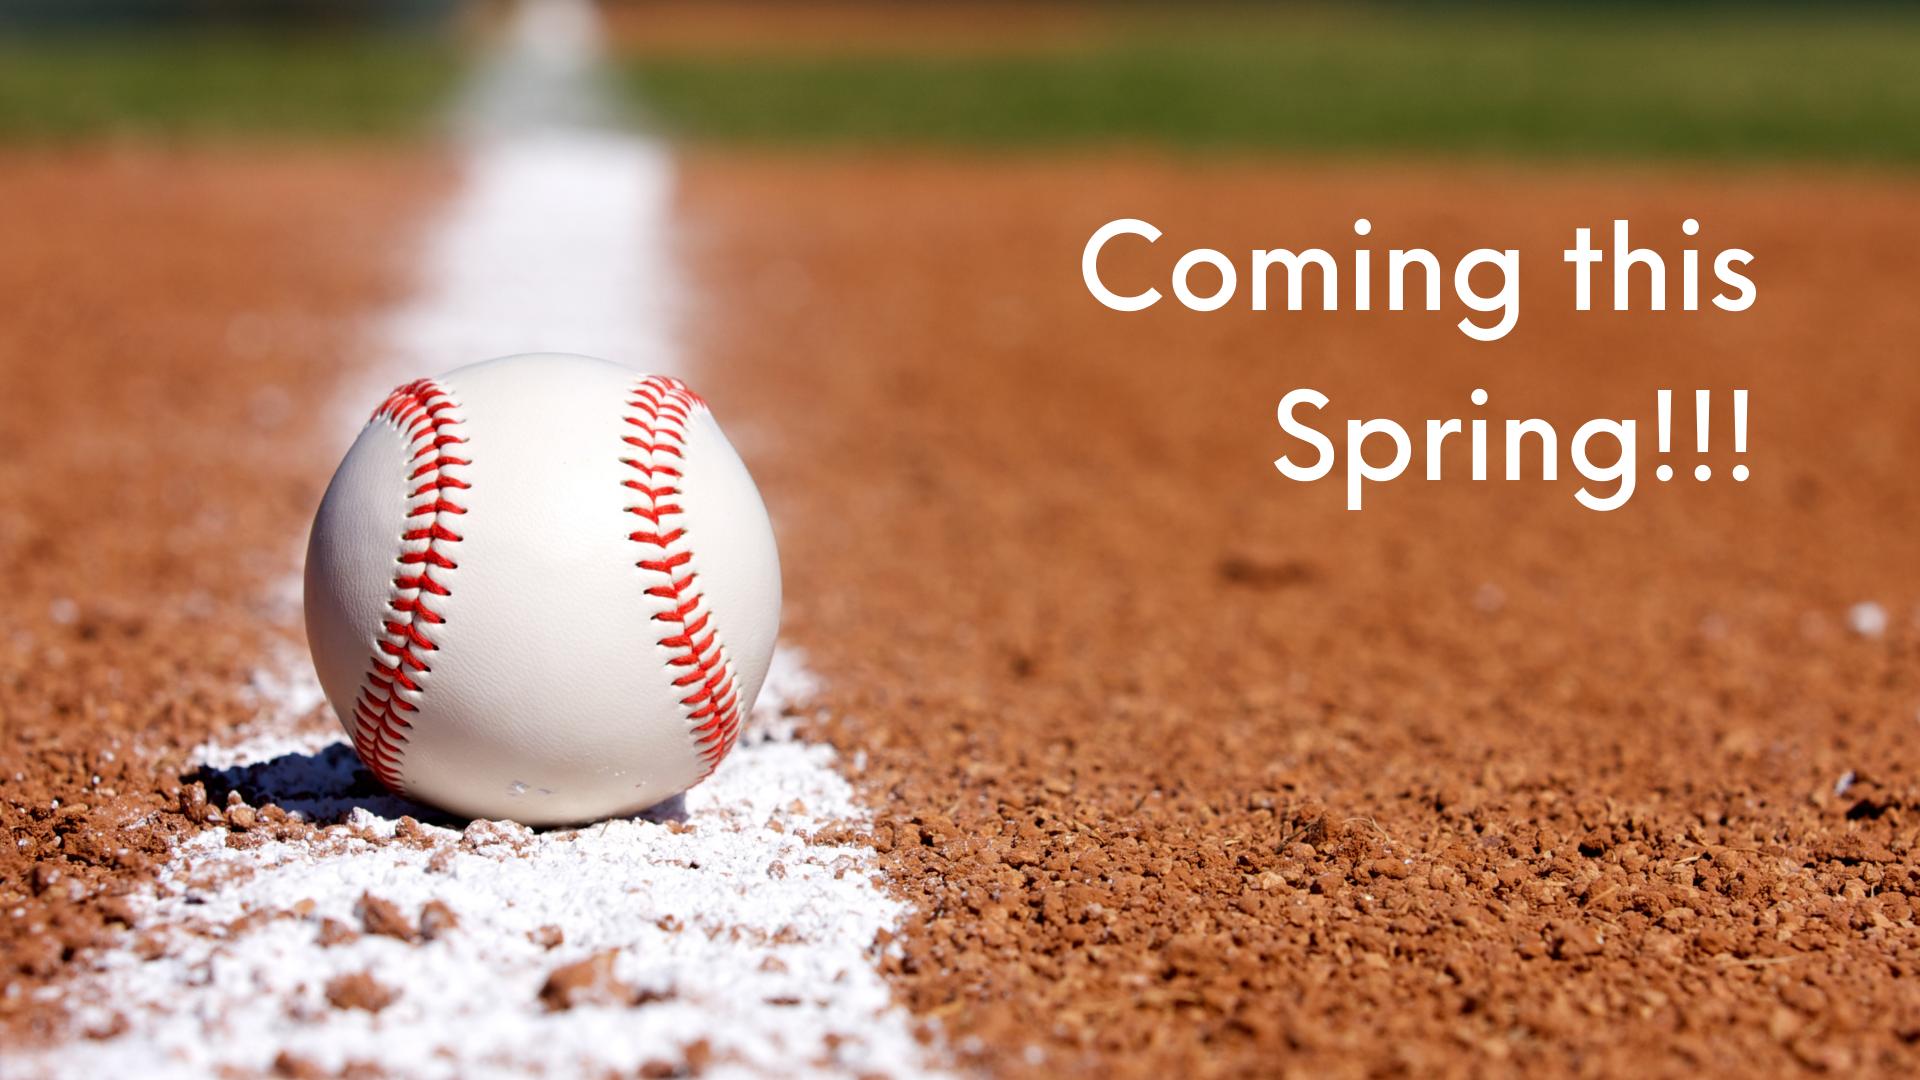 Baseball - coming this spring